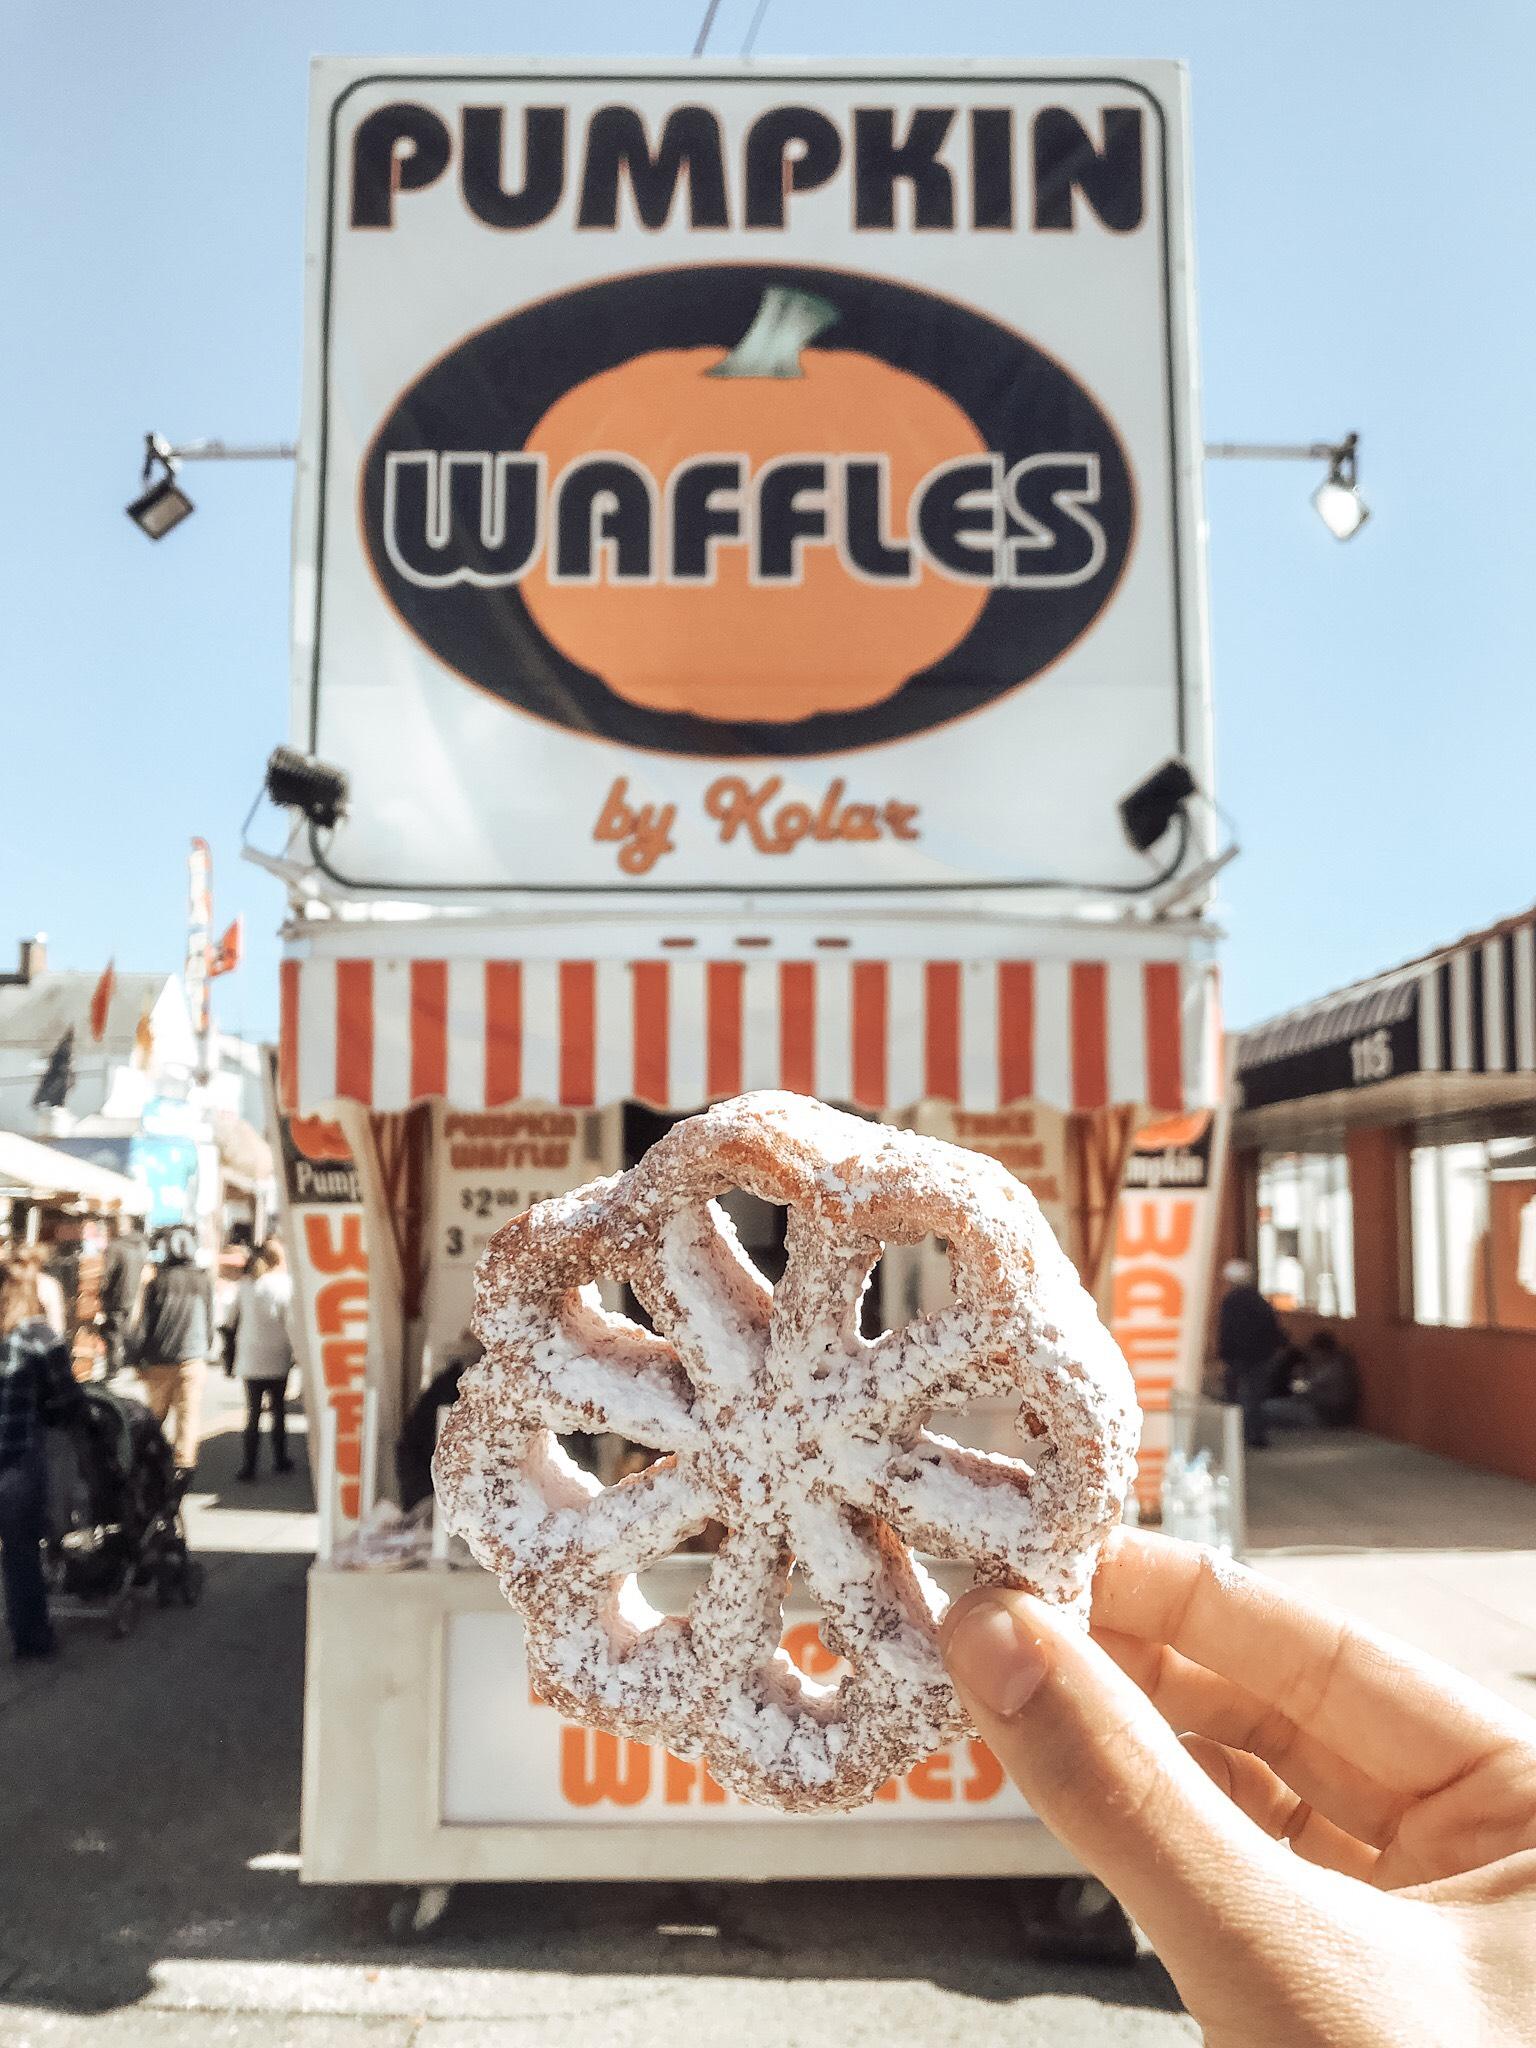 circleville pumpkin show waffles